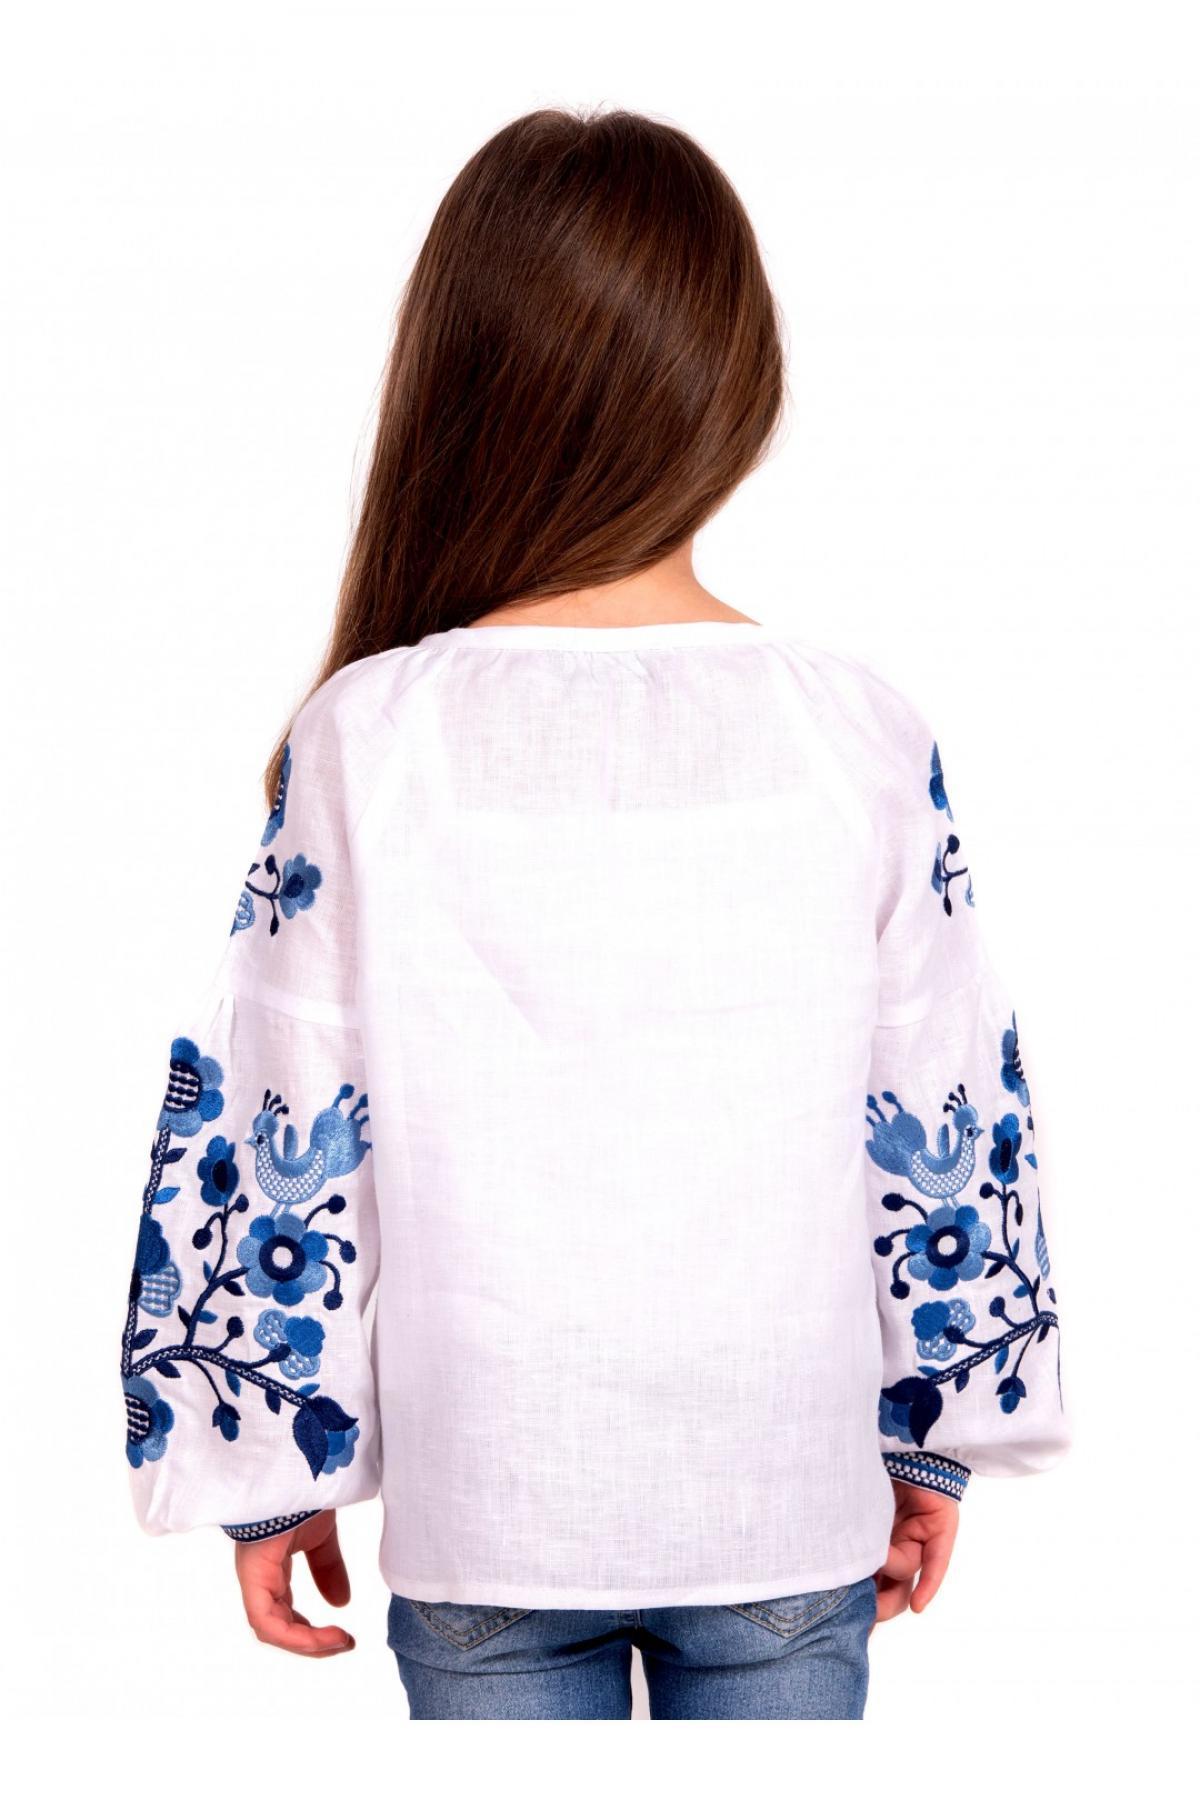 Вишиванка для дівчинки біла з синьою вишивкою. Фото №2. | Народний дім Україна